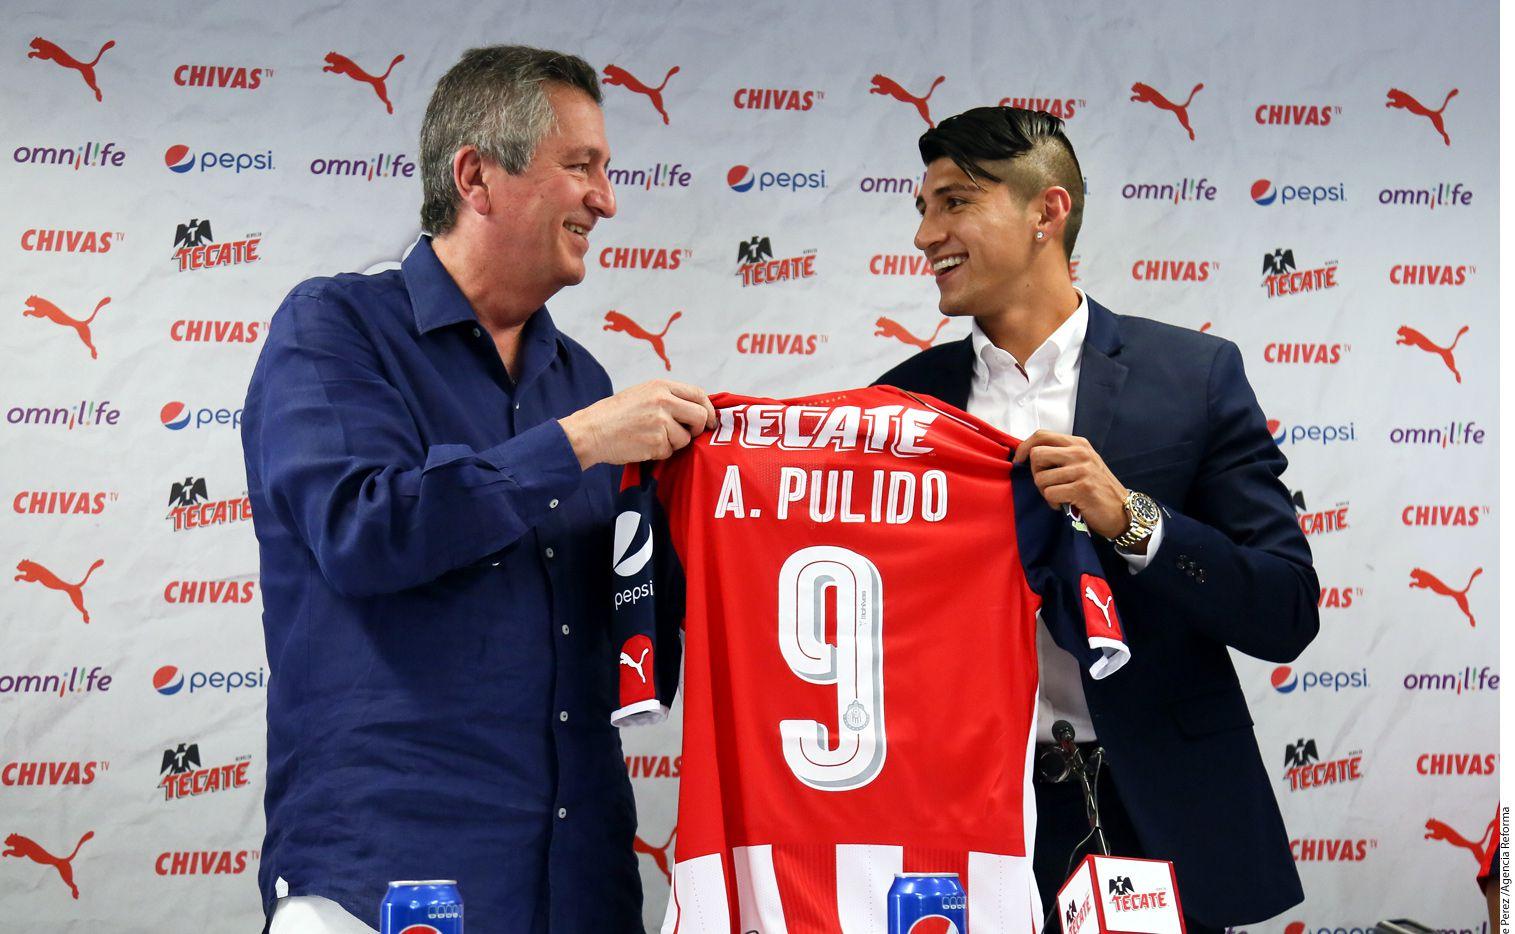 El nuevo delantero de las Chivas, Alan Pulido (der.), fue presentado por Jorge Vergara (izq.) este mediodía en las instalaciones de Verde Valle./AGENCIA REFORMA